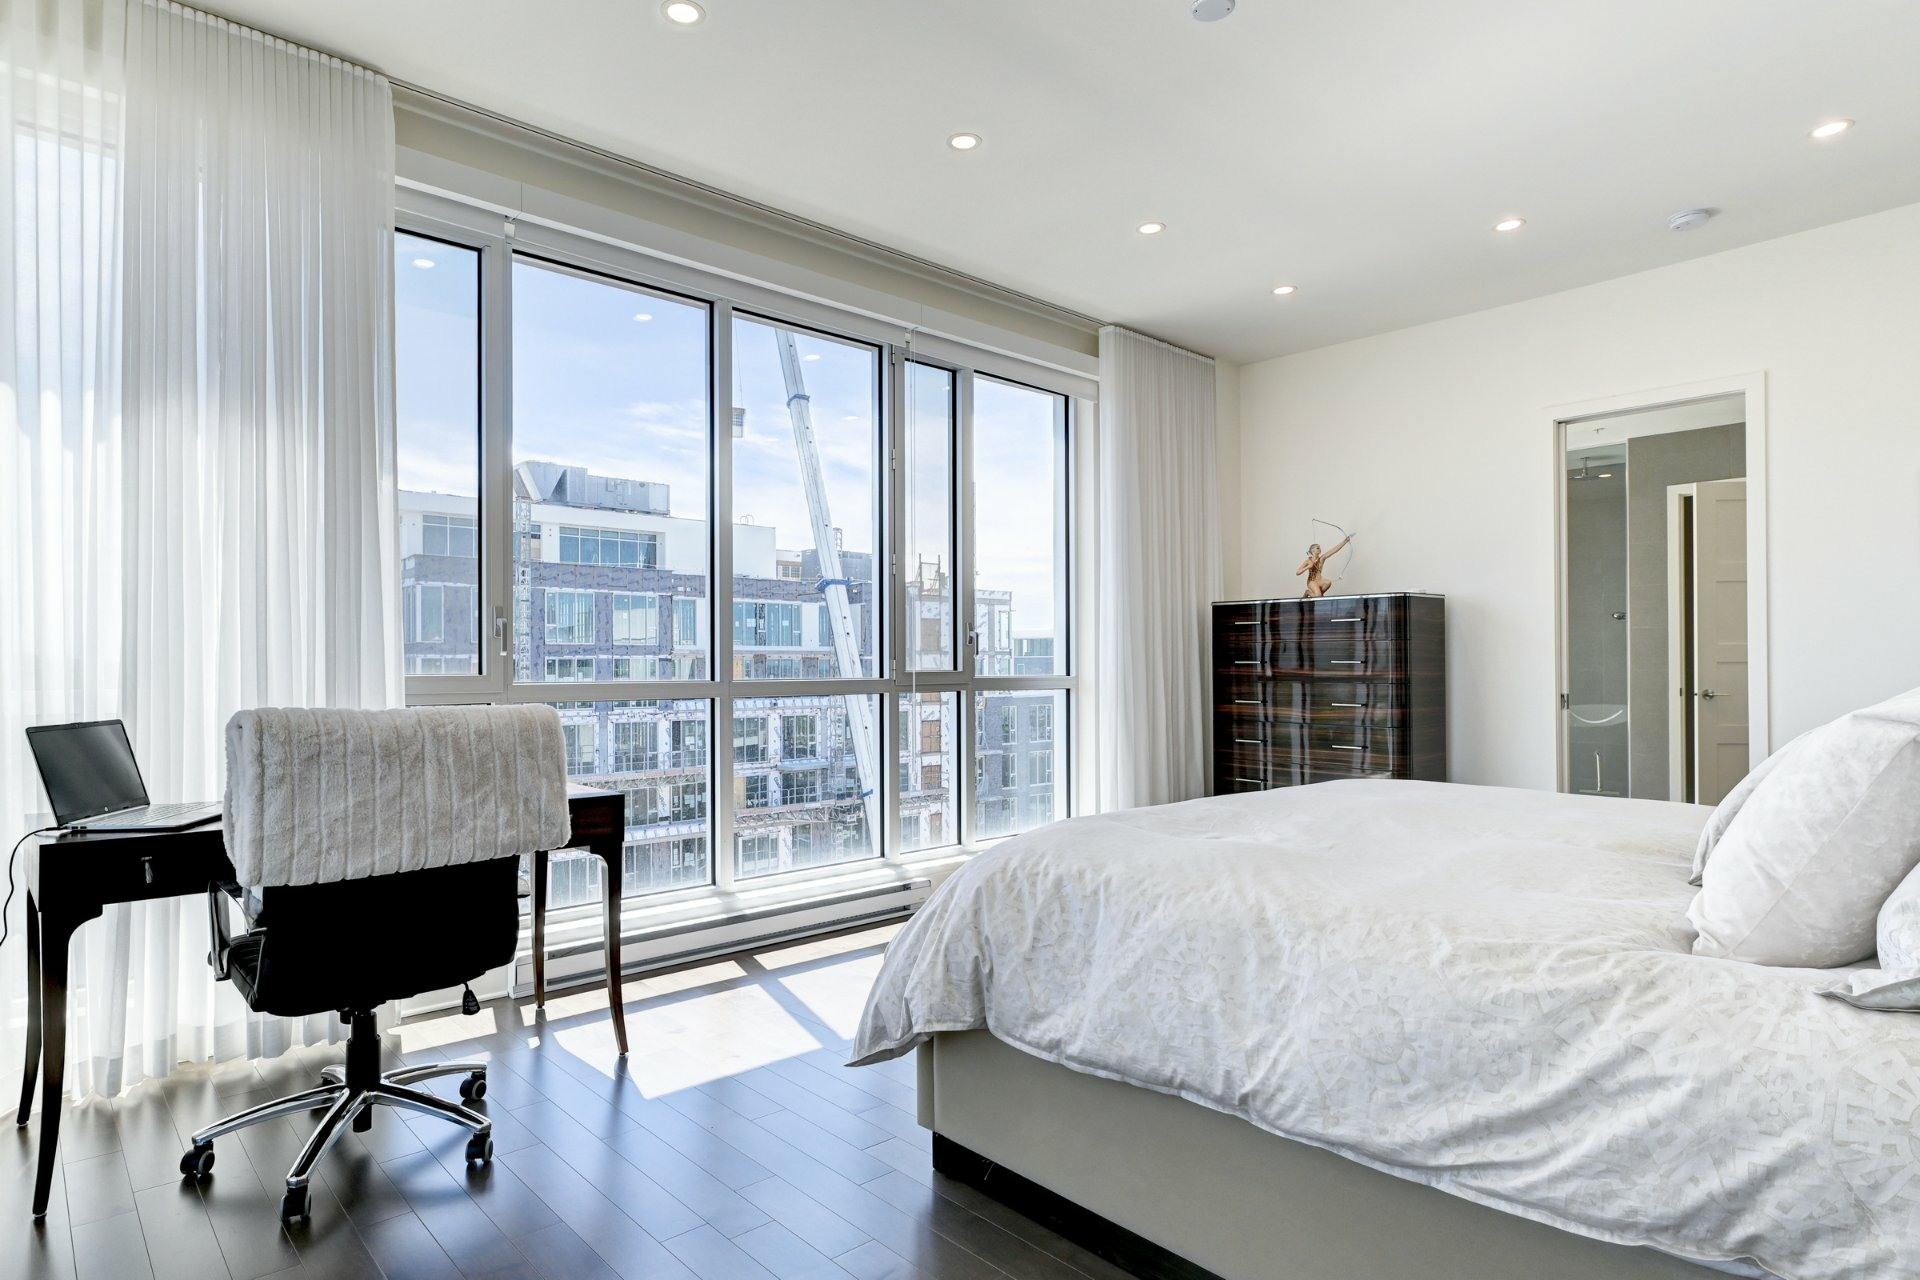 image 22 - Appartement À vendre Côte-des-Neiges/Notre-Dame-de-Grâce Montréal  - 16 pièces